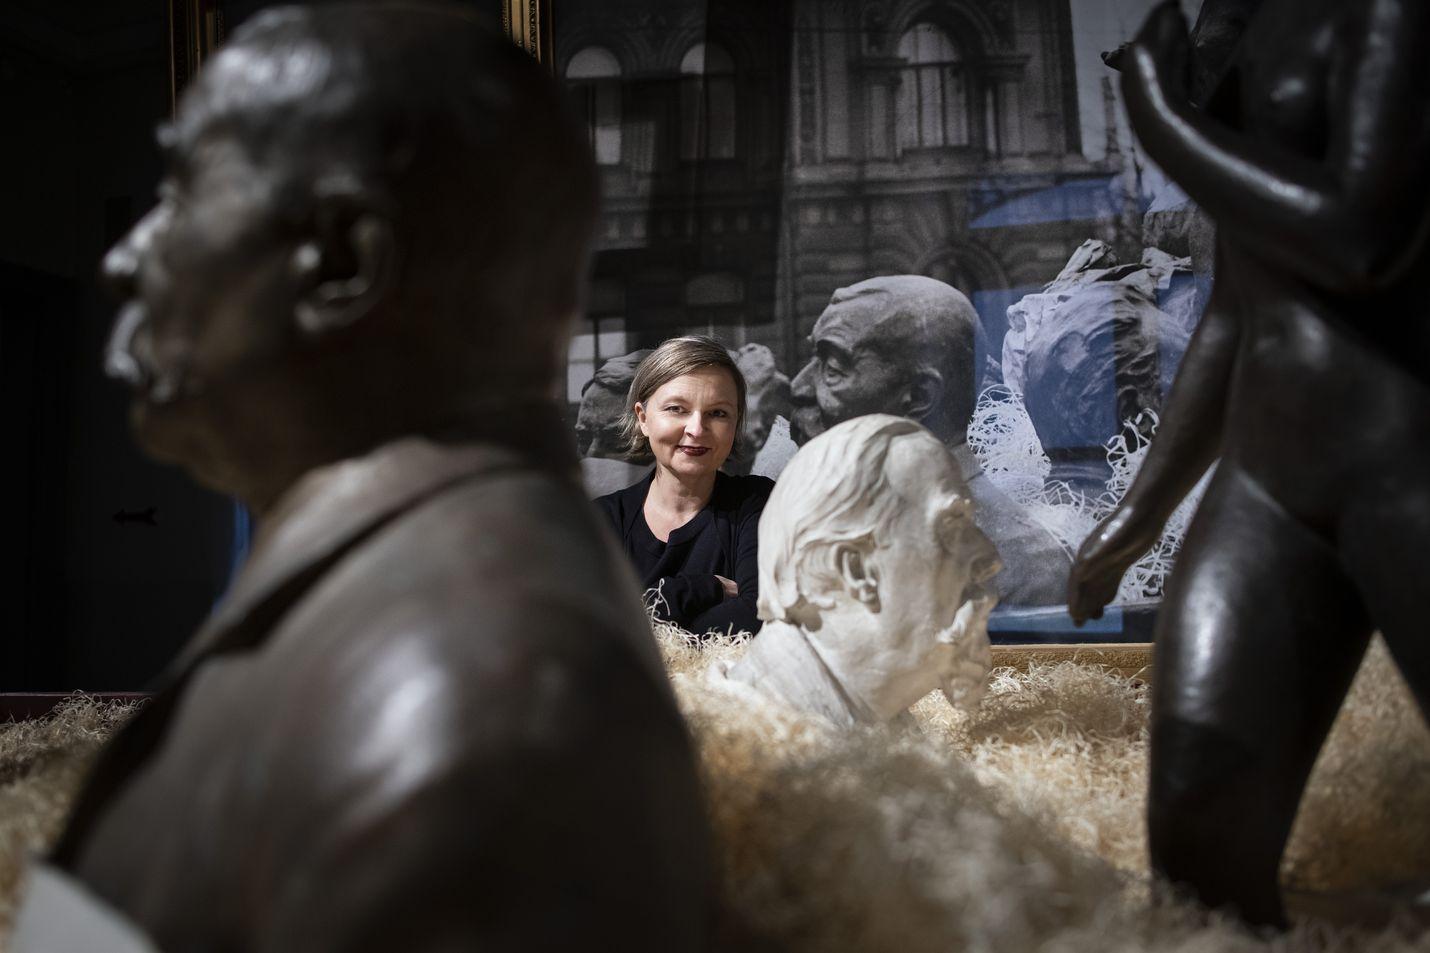 Anna Kortelainen on ideoinut ja kuratoinut näyttelyn Helsingin sota-ajan ilmapiiristä, ilmeestä ja evakuoinneista. Kaupungista evakuoitiin lasten lisäksi paljon tieteen ja taiteen aarteita. Muun muassa patsaita pakattiin laatikoihin, suojattiin meriheinällä ja oljilla sekä kuljetettiin turvaan eri puolille Suomea.